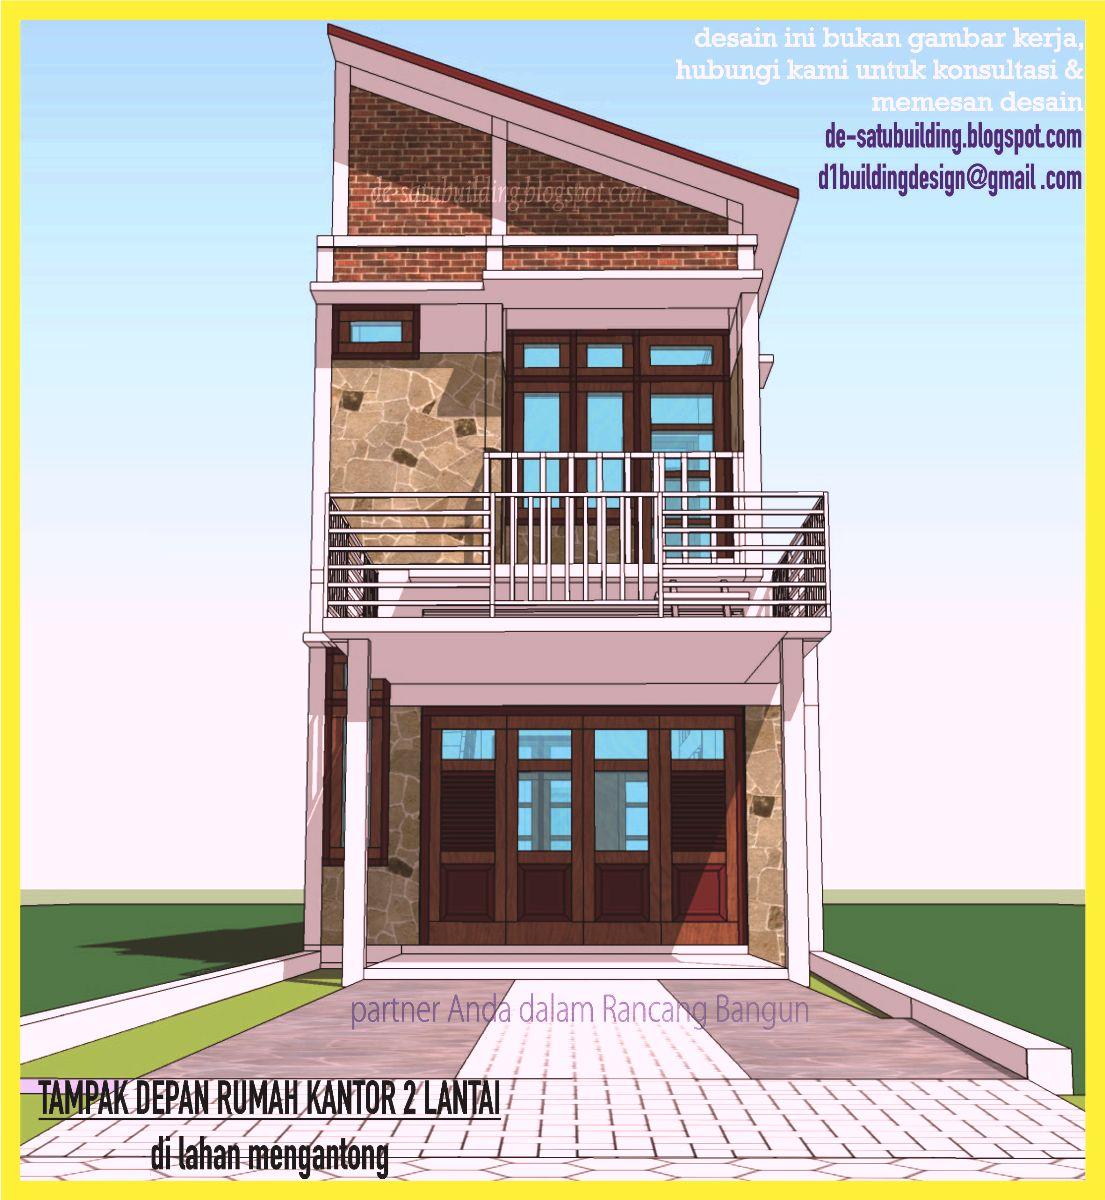 700 Gambar Rumah 2 Lantai Buat Jualan Gratis Terbaru